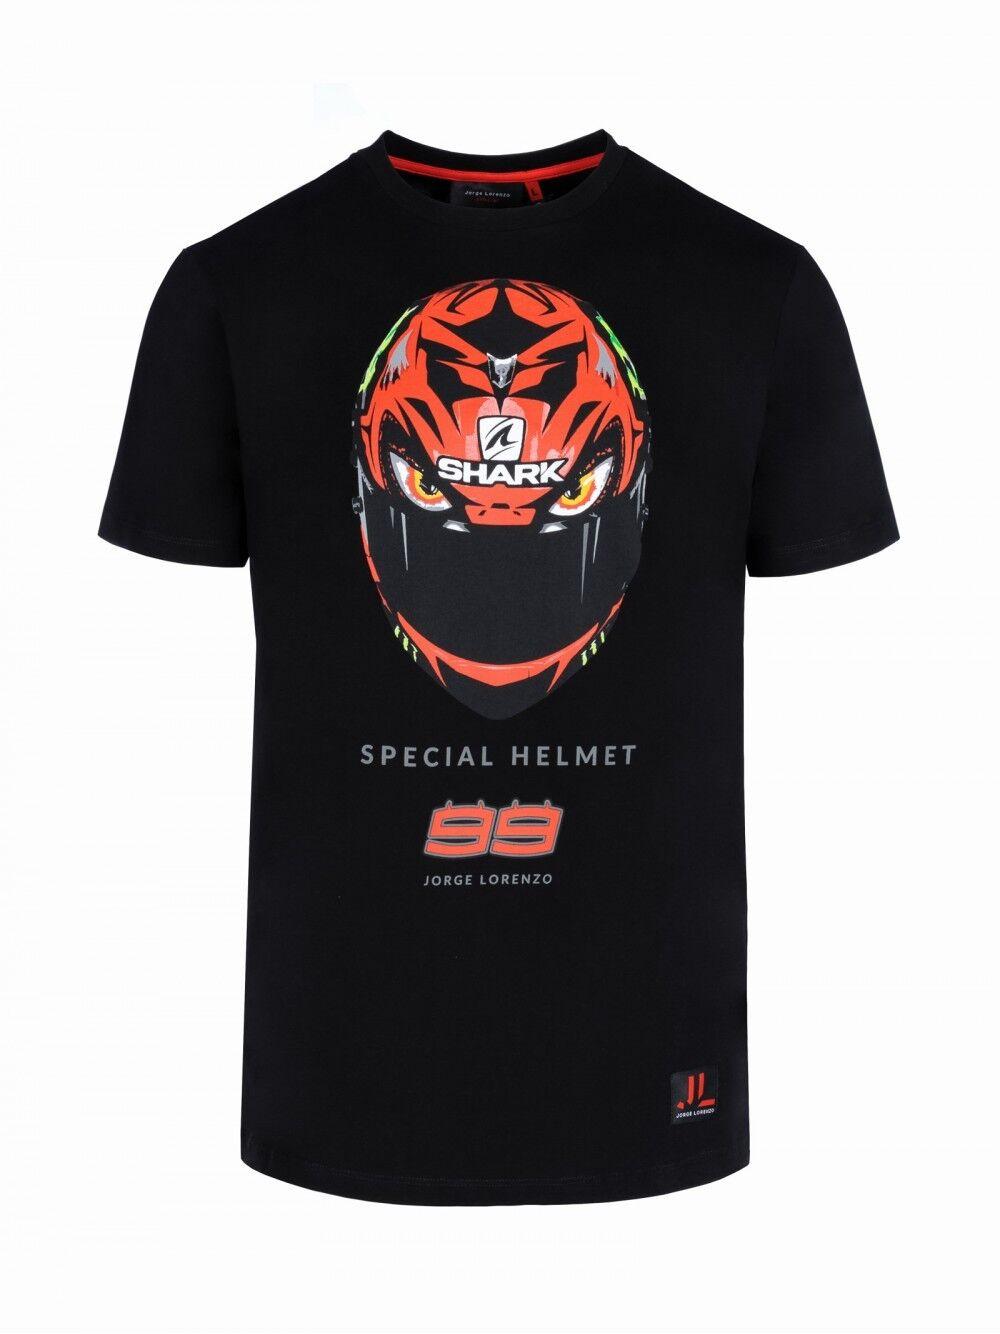 86e6dd5b2b3482 Jorge Lorenzo Official Diablo Helmet T-Shirt - 18 31205 2018 nrplse4443-T -Shirts